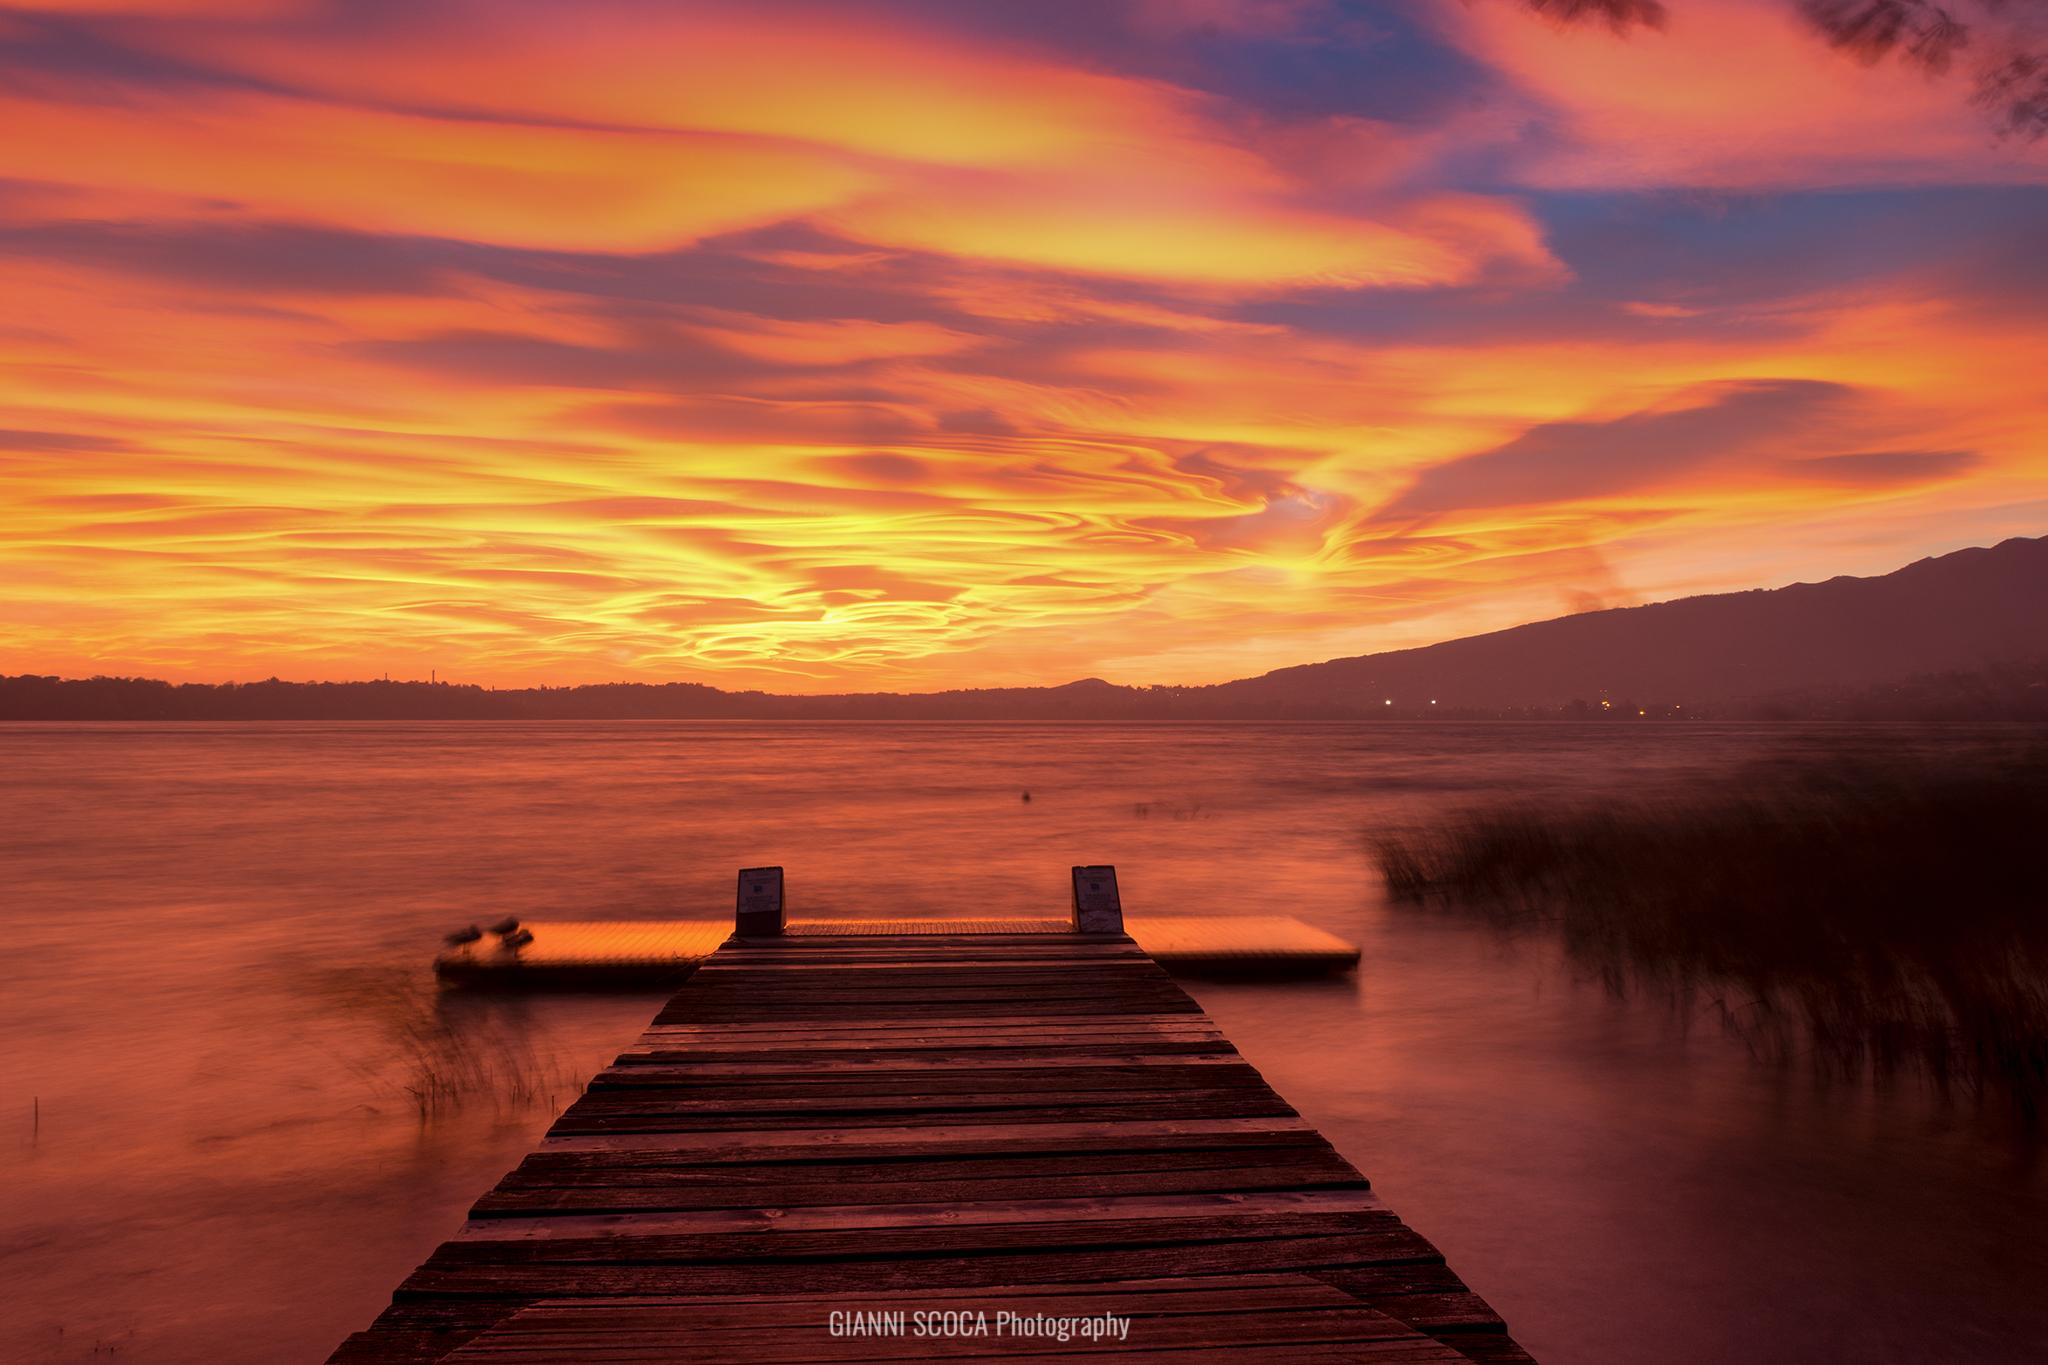 Sunset at Pusiano...